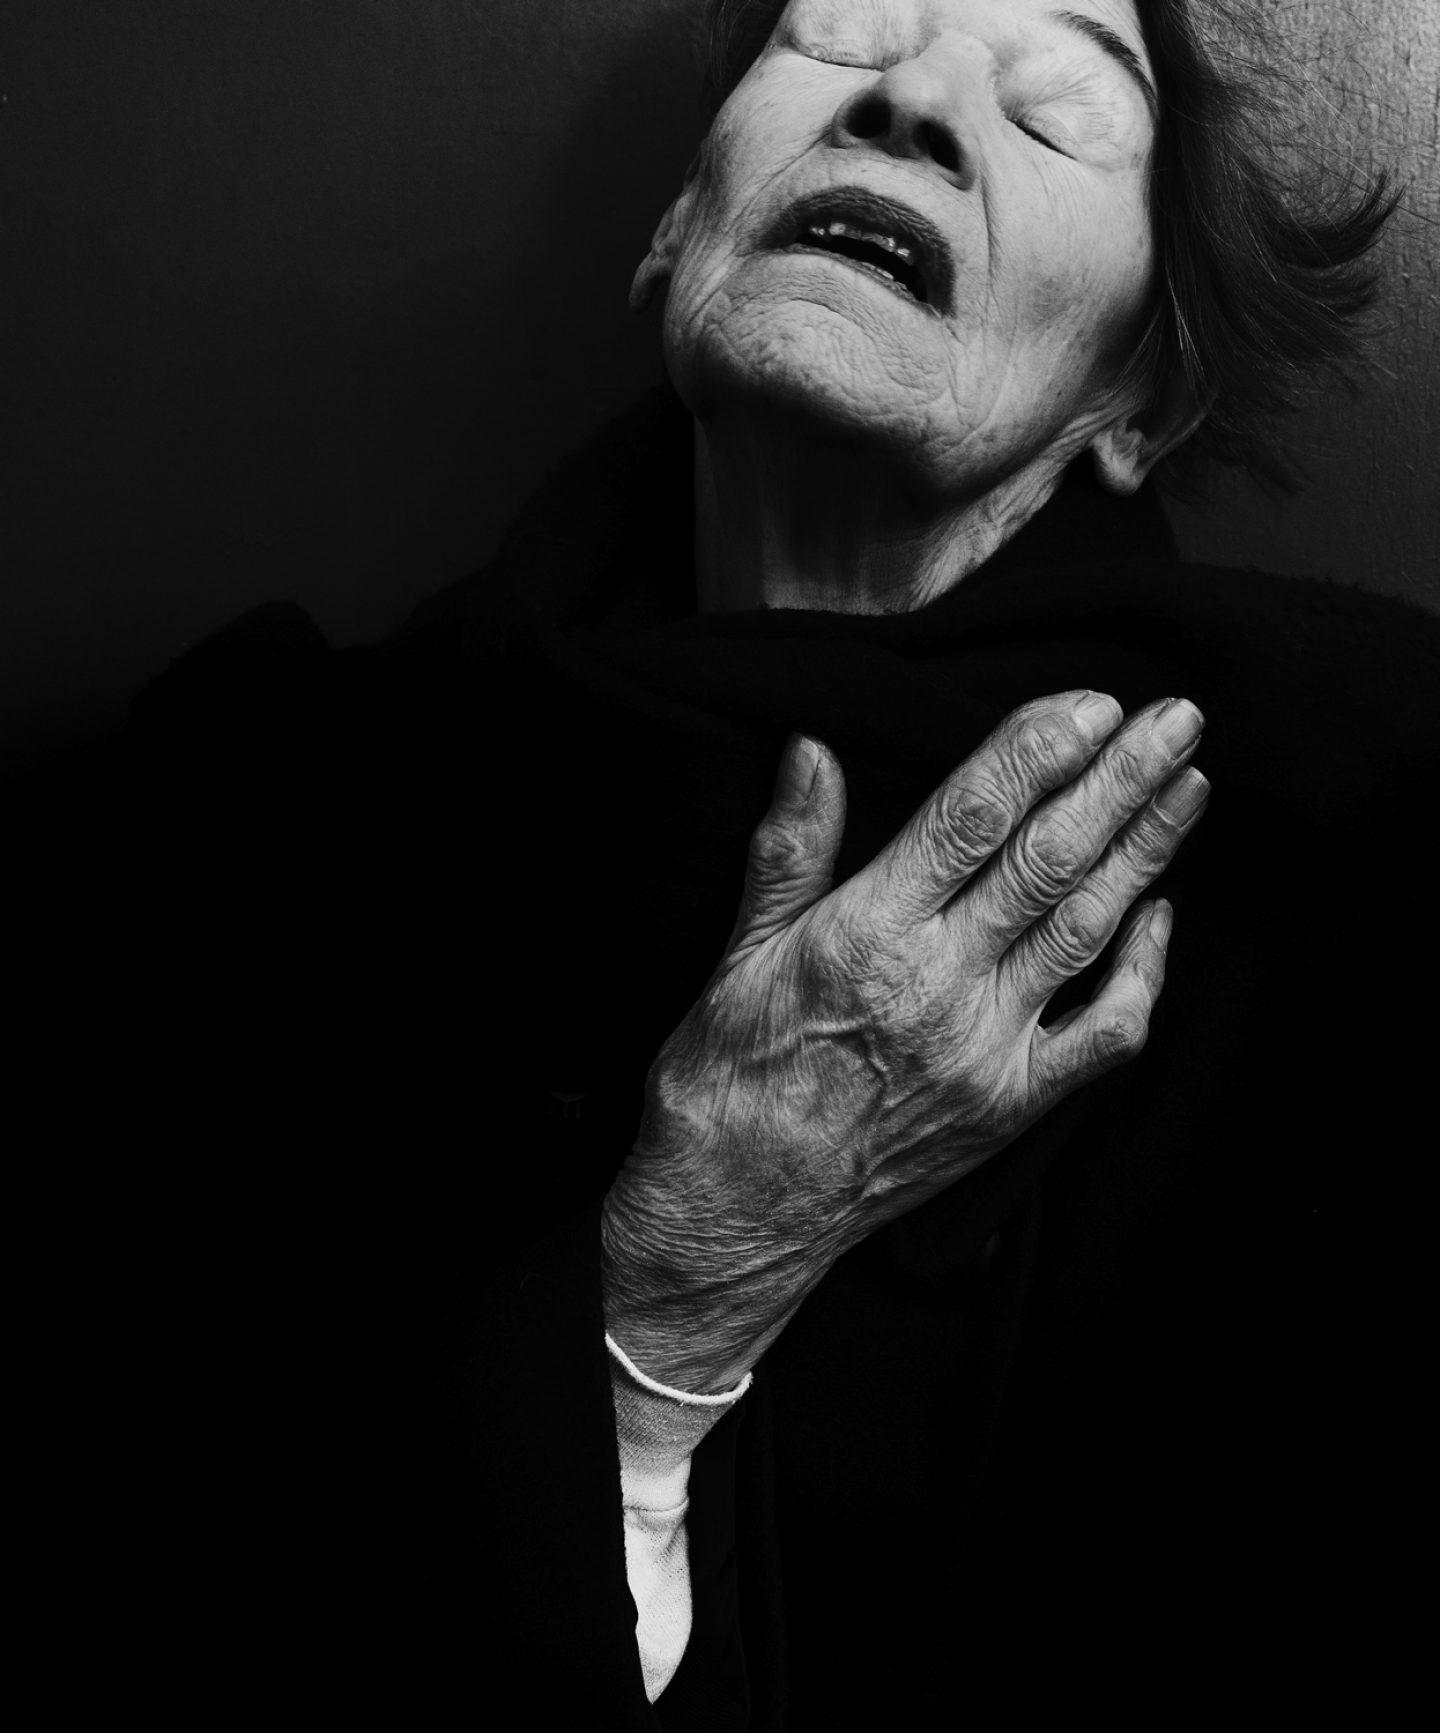 IGNANT-Photography-Jack-Davison-New-06